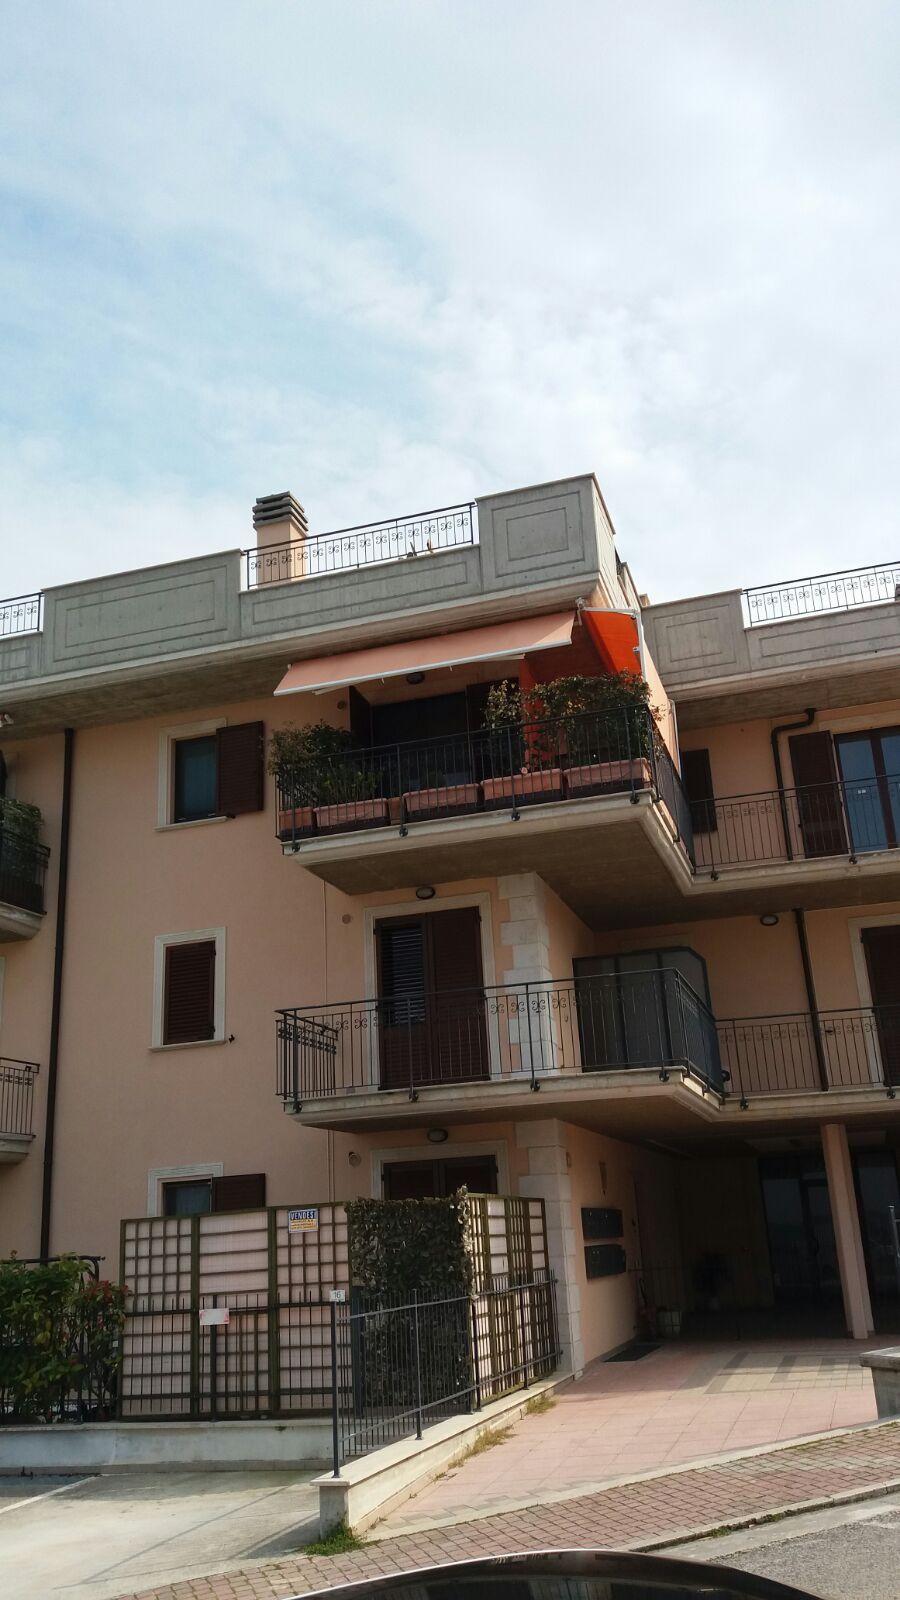 Appartamento in vendita a Campofilone, 3 locali, prezzo € 160.000 | PortaleAgenzieImmobiliari.it